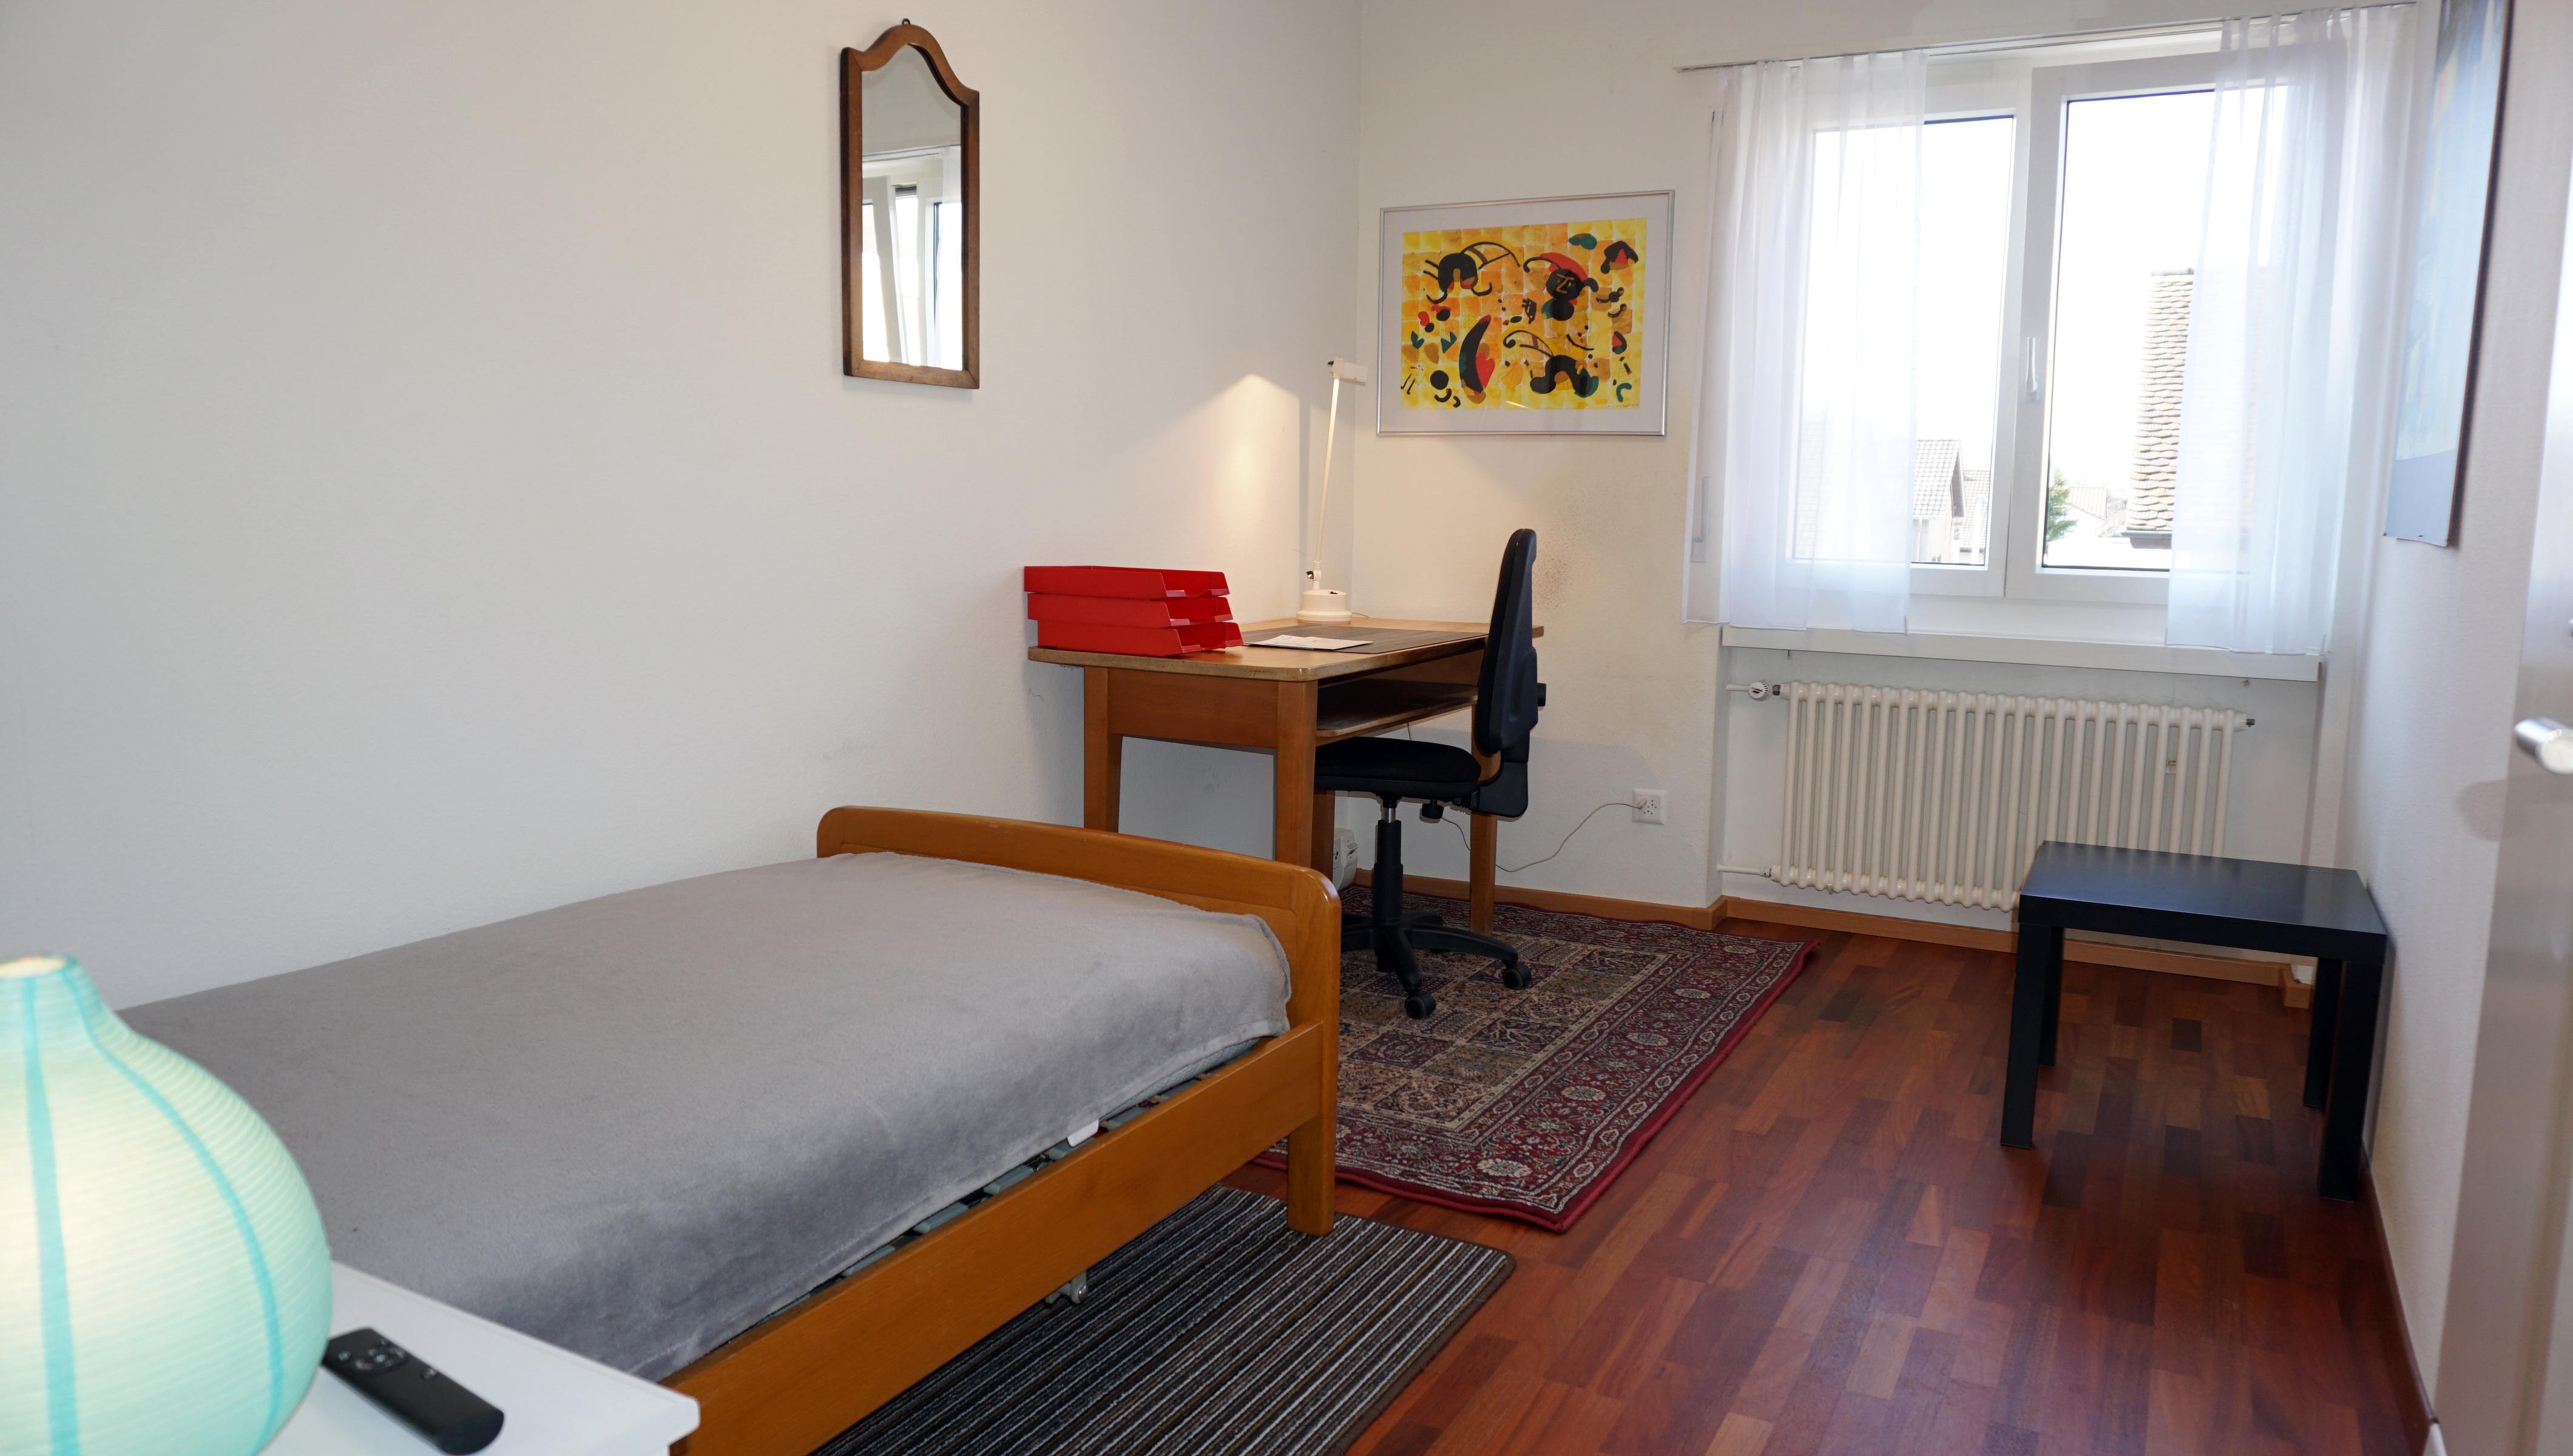 Room 1 - bed 100x200